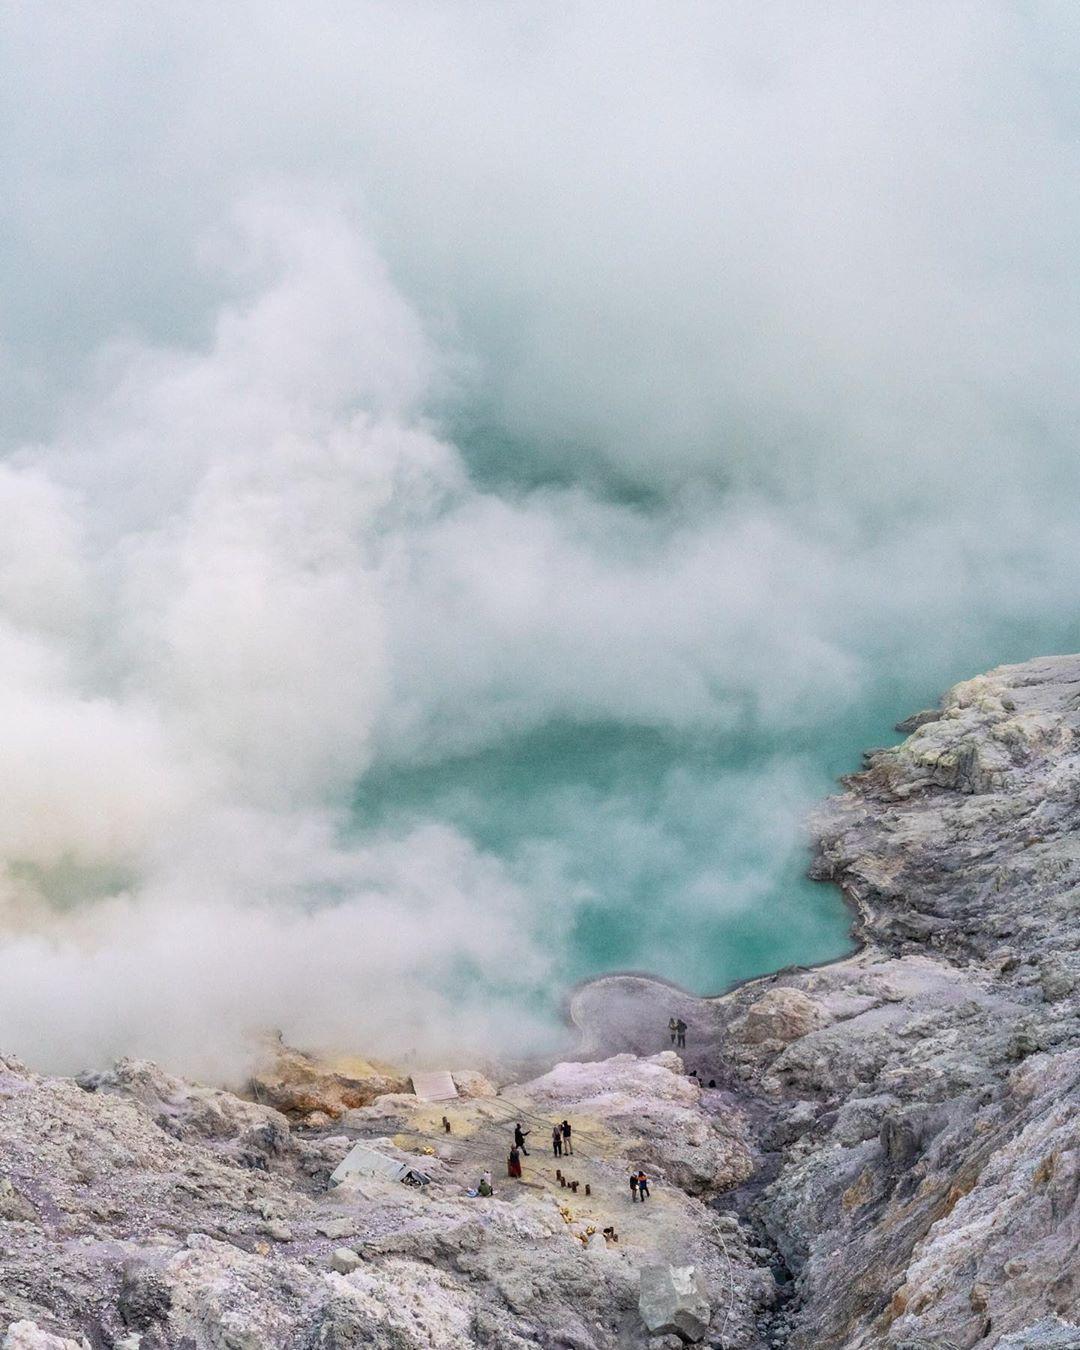 Đã mắt với hành trình chinh phục miệng núi lửa nổi tiếng nhất Indonesia của blogger du lịch đến từ Sài Gòn - Ảnh 1.